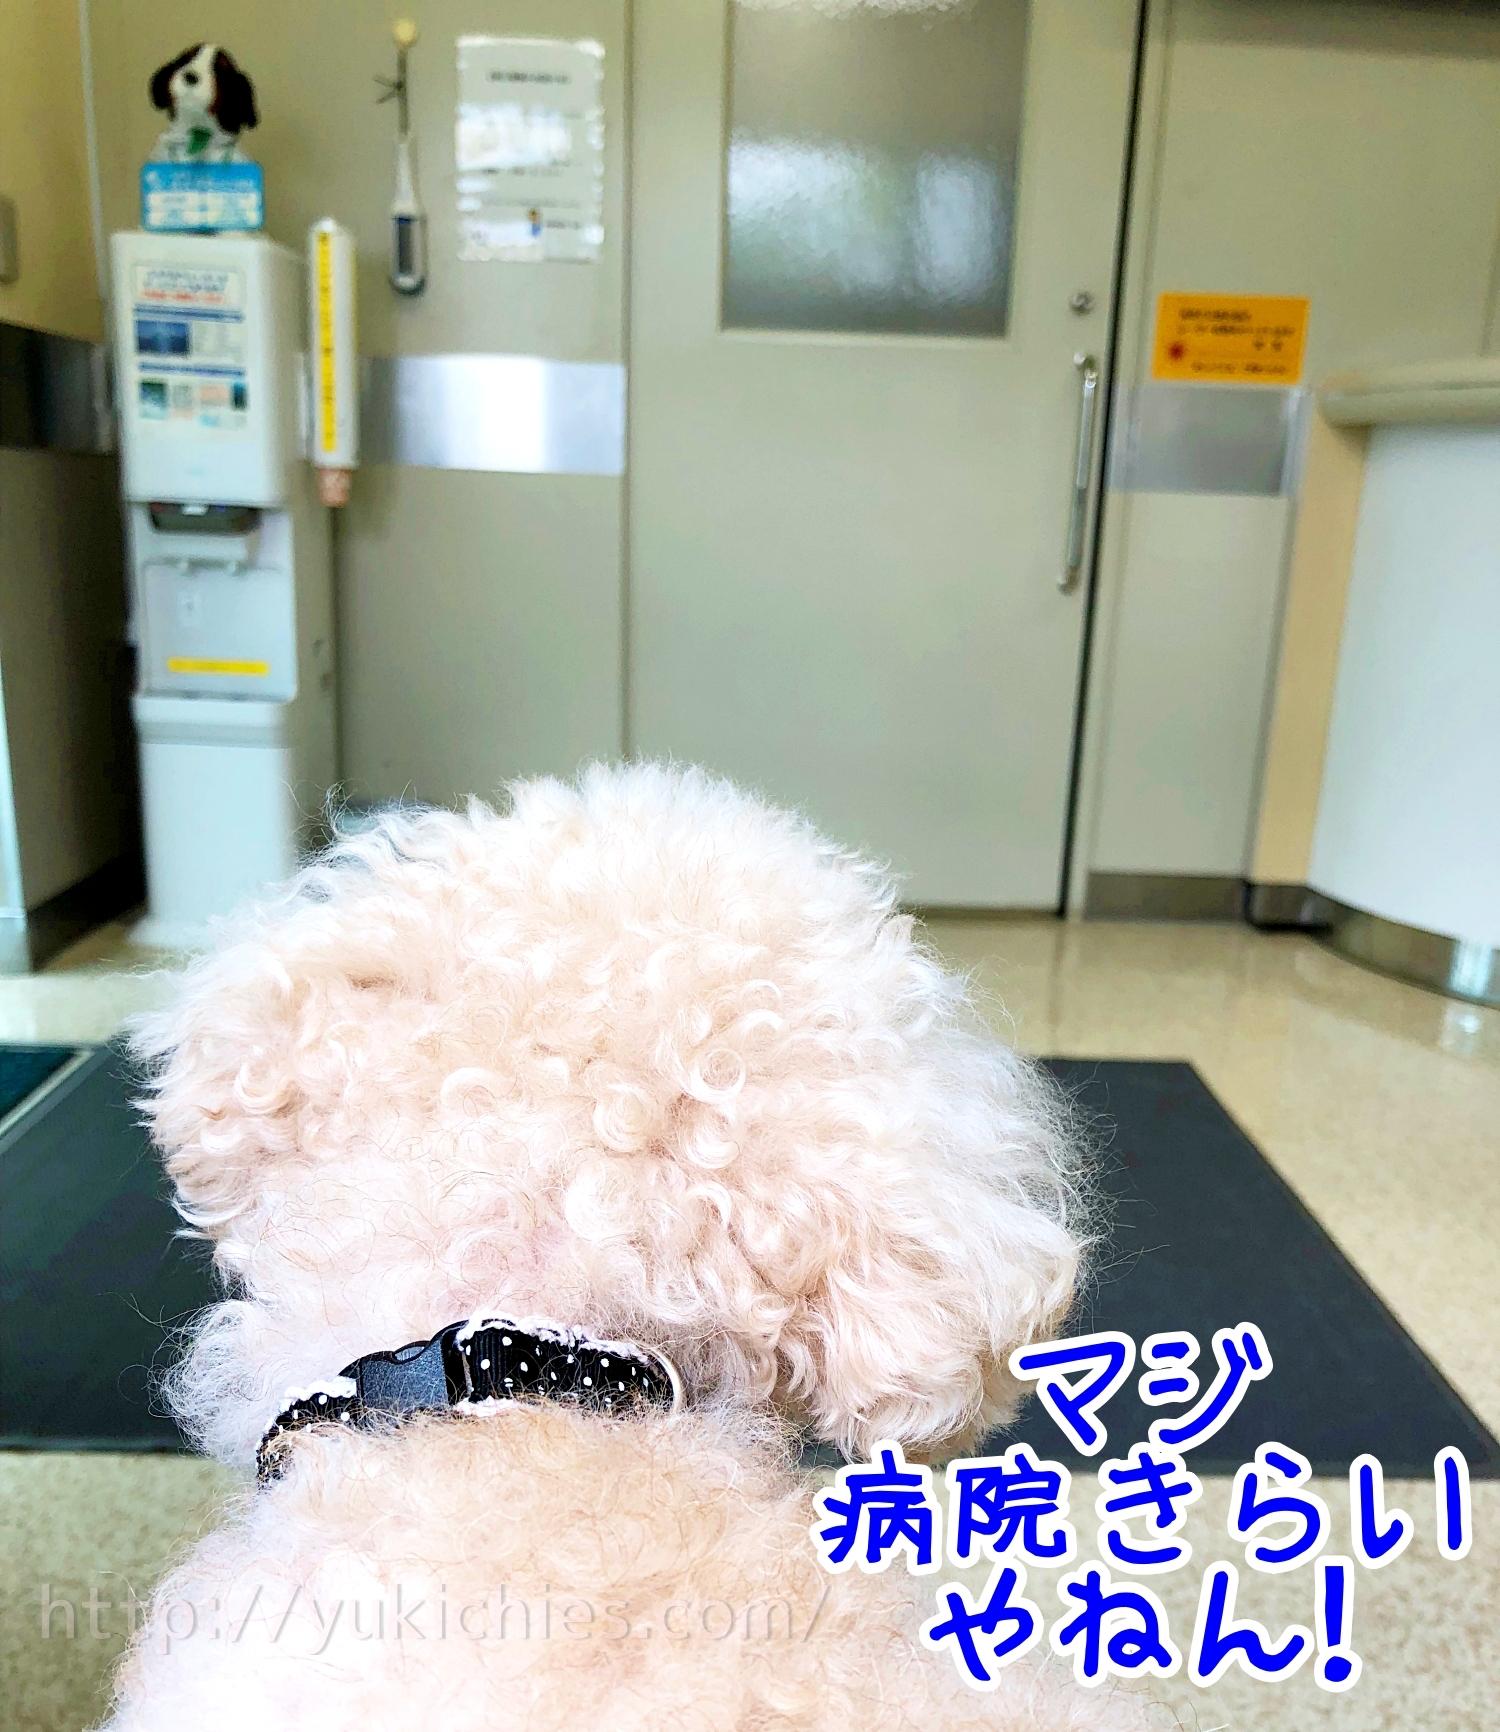 2018年9月5日諭吉が腹痛で動物病院へ 待合室